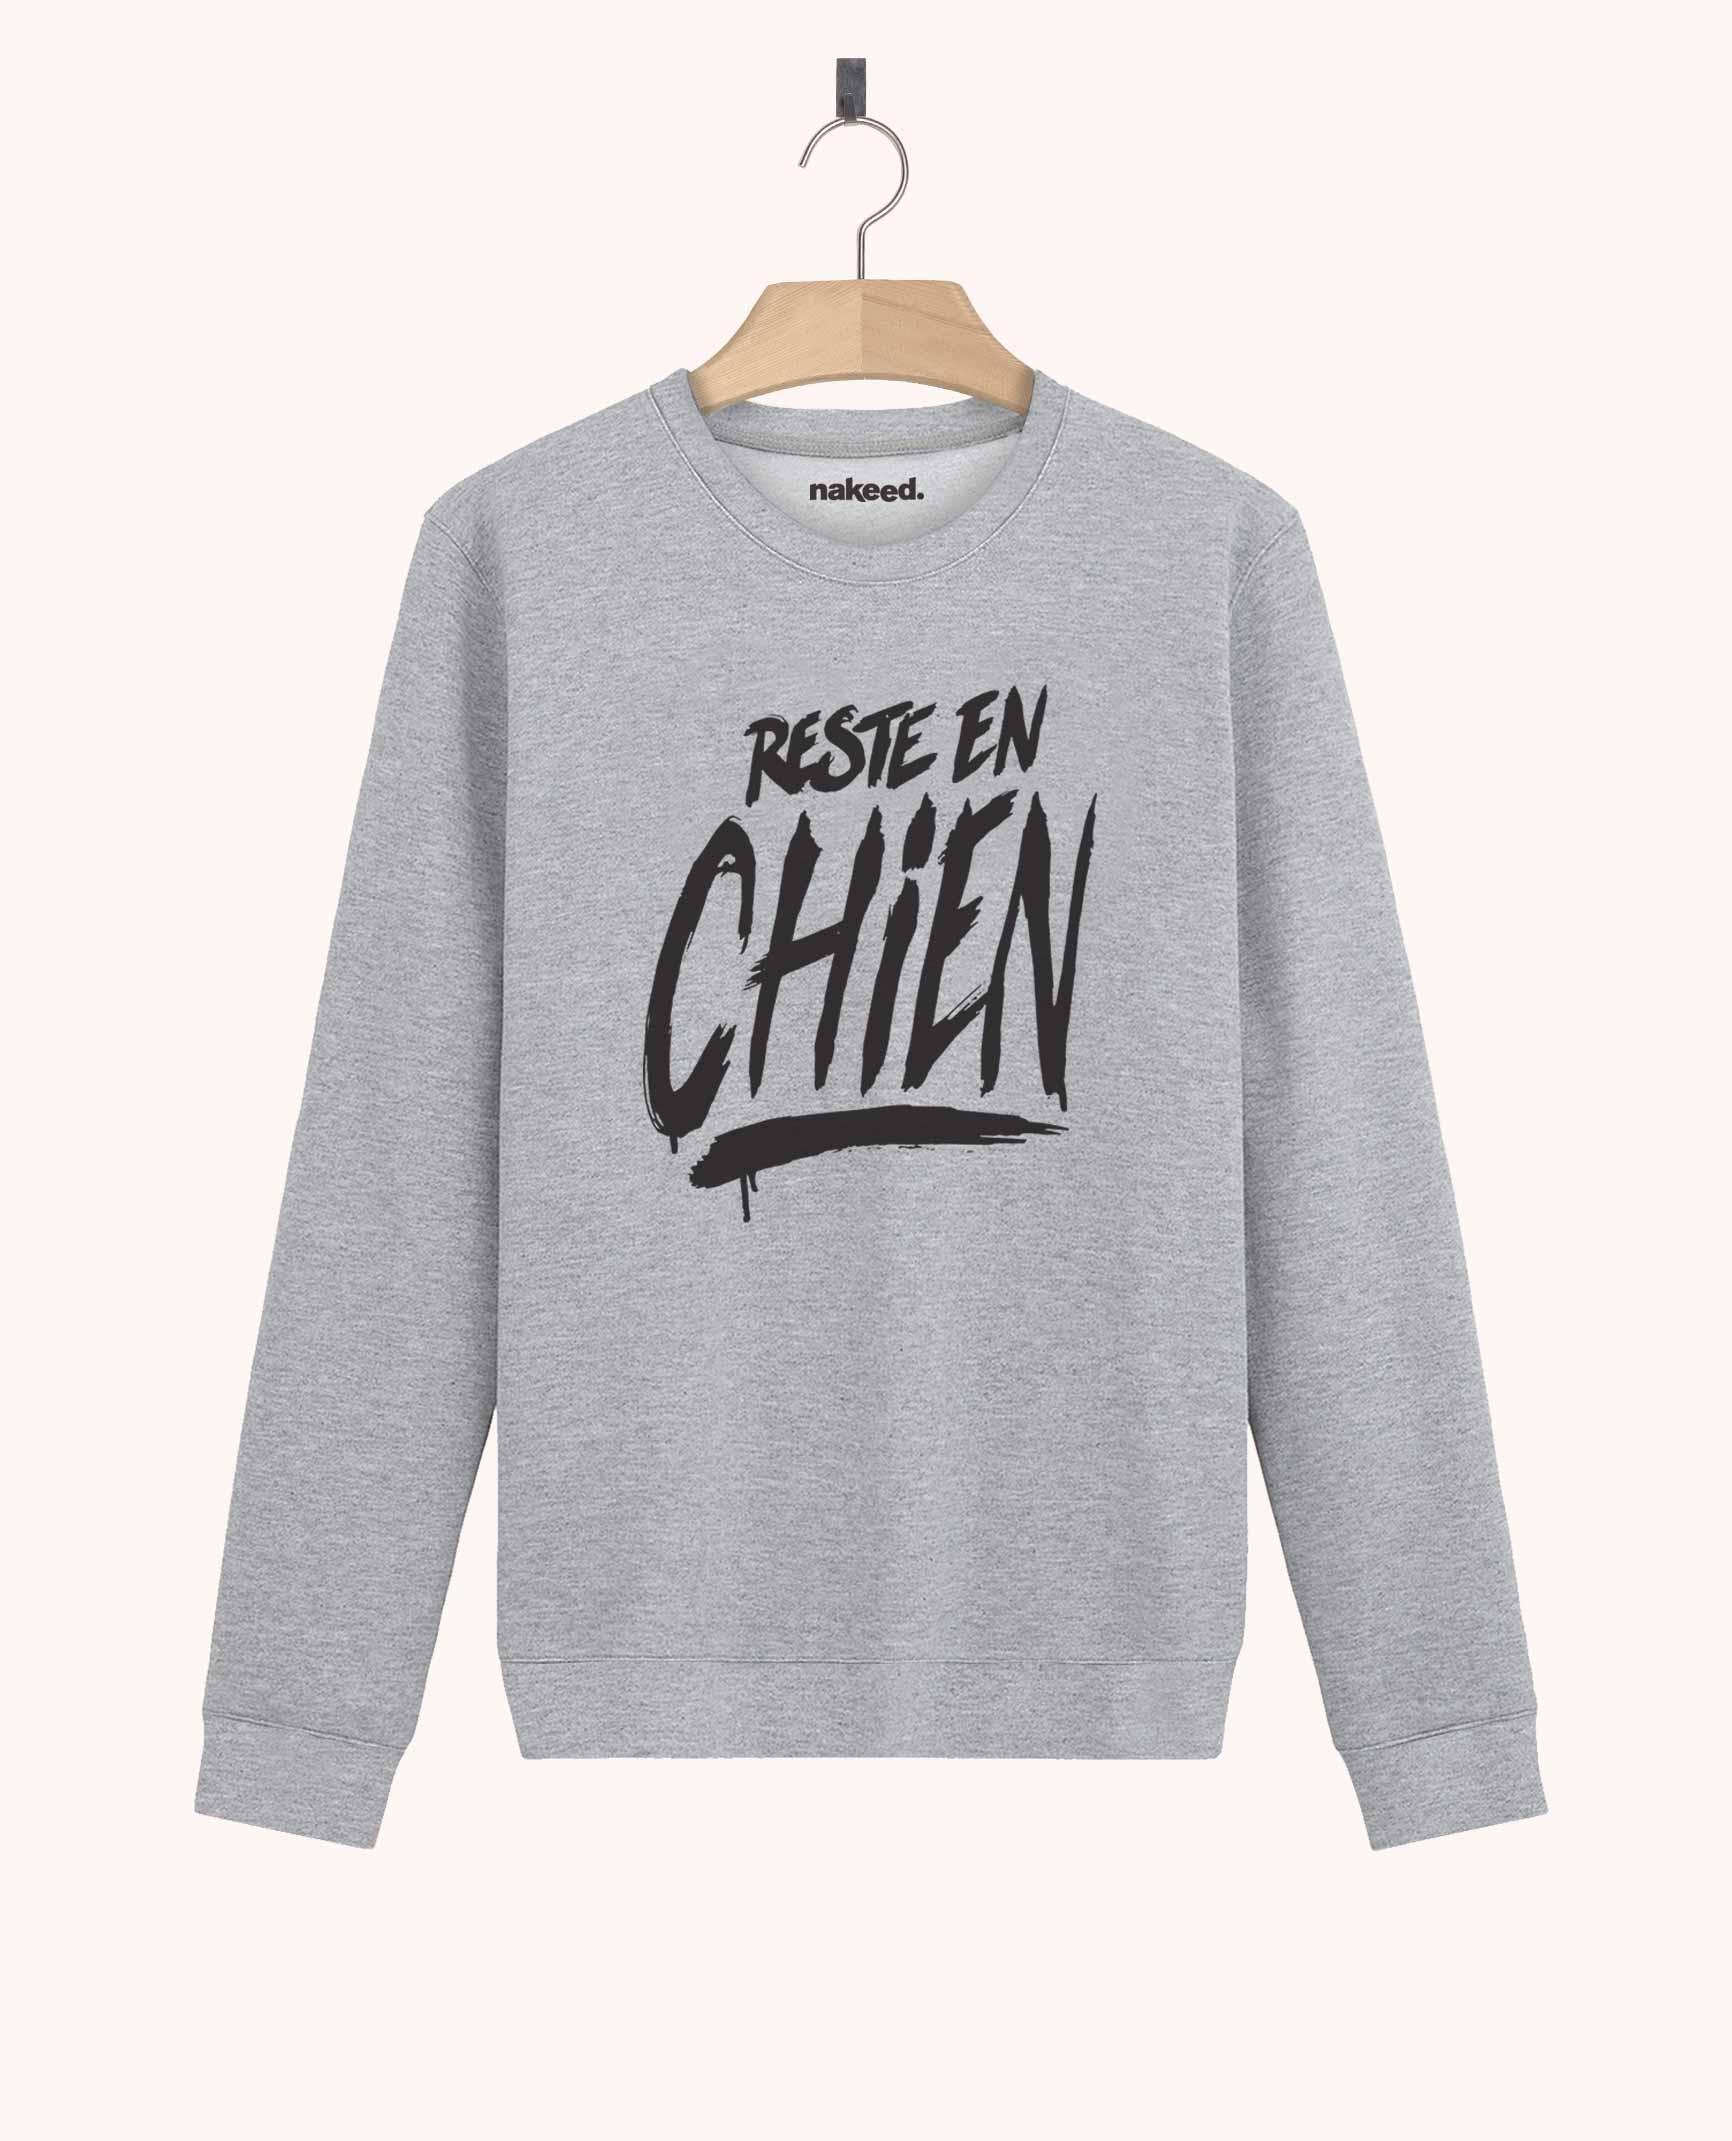 Sweatshirt Reste en Chien